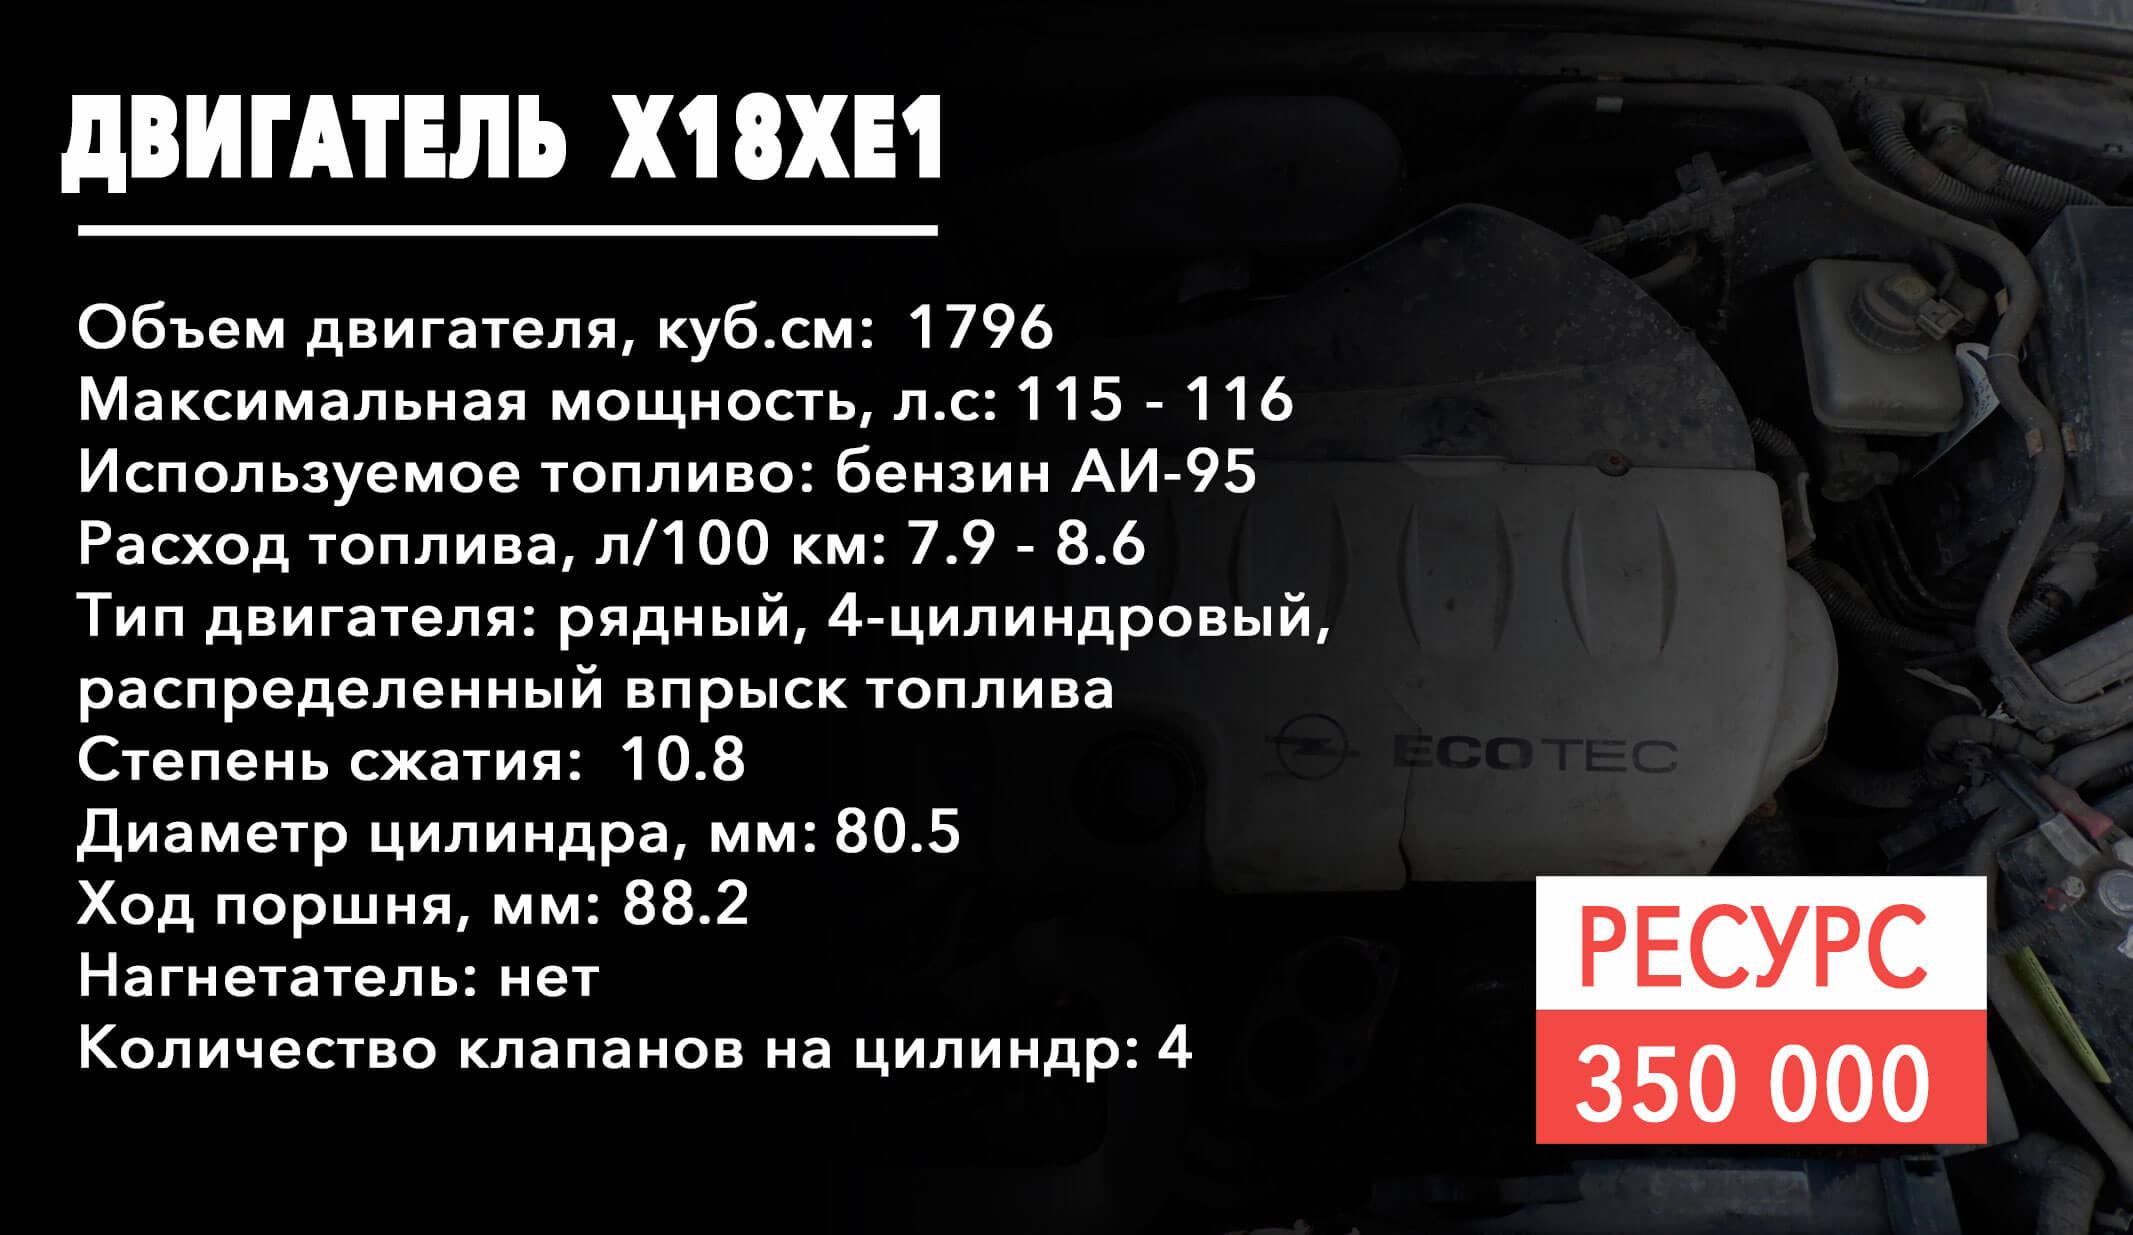 ресурс двигателя X18XE1